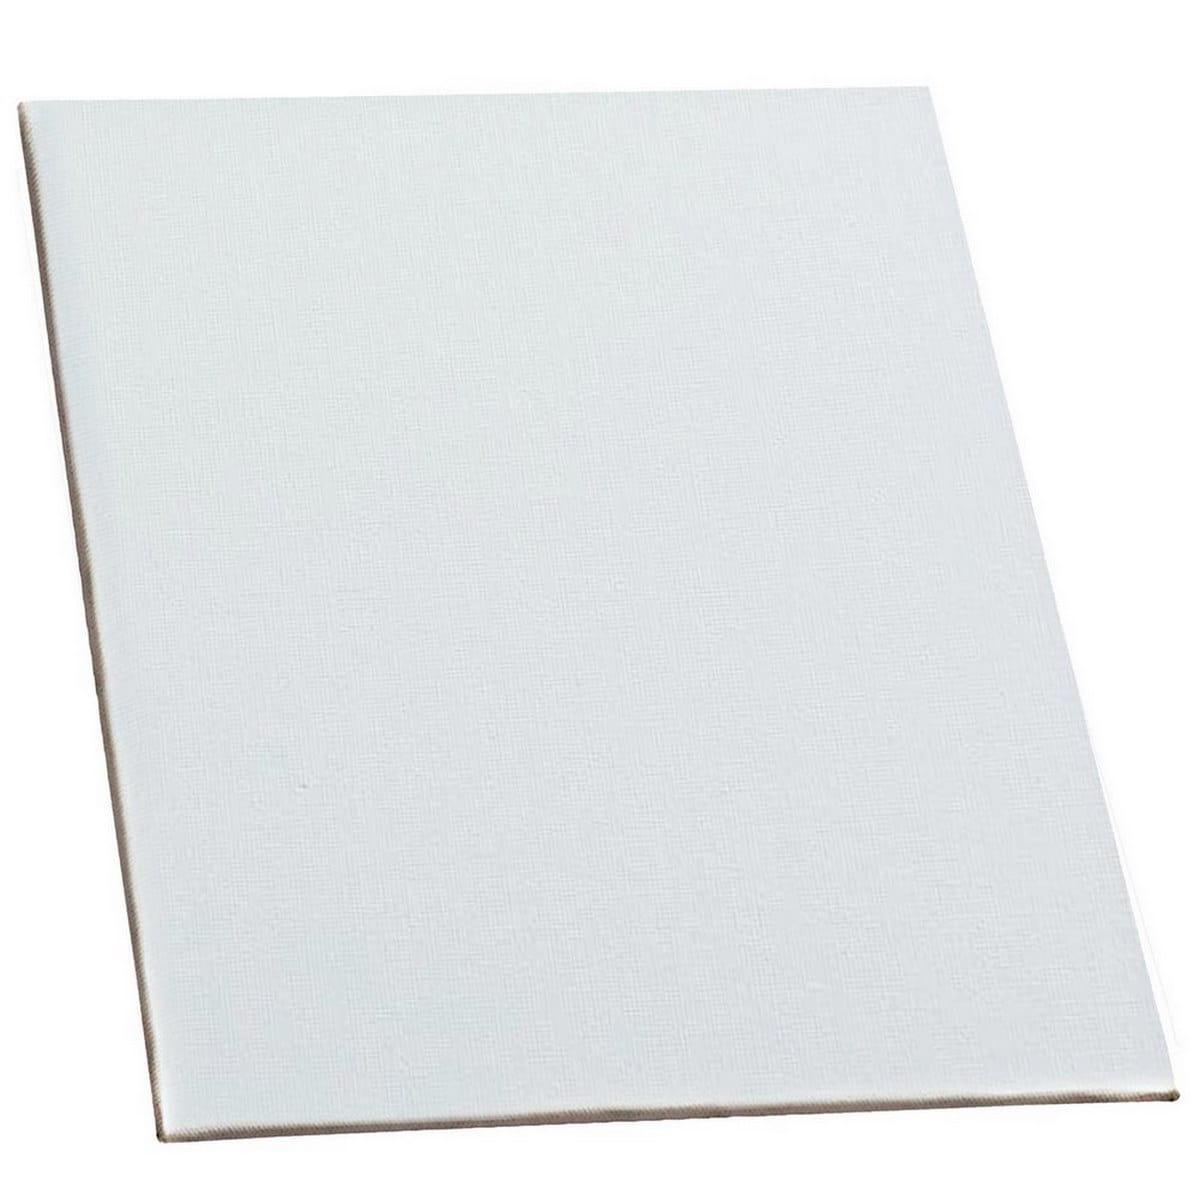 MDF White Canvas Board Size: 20.3 X 25.4 cm (8x10 Inches)